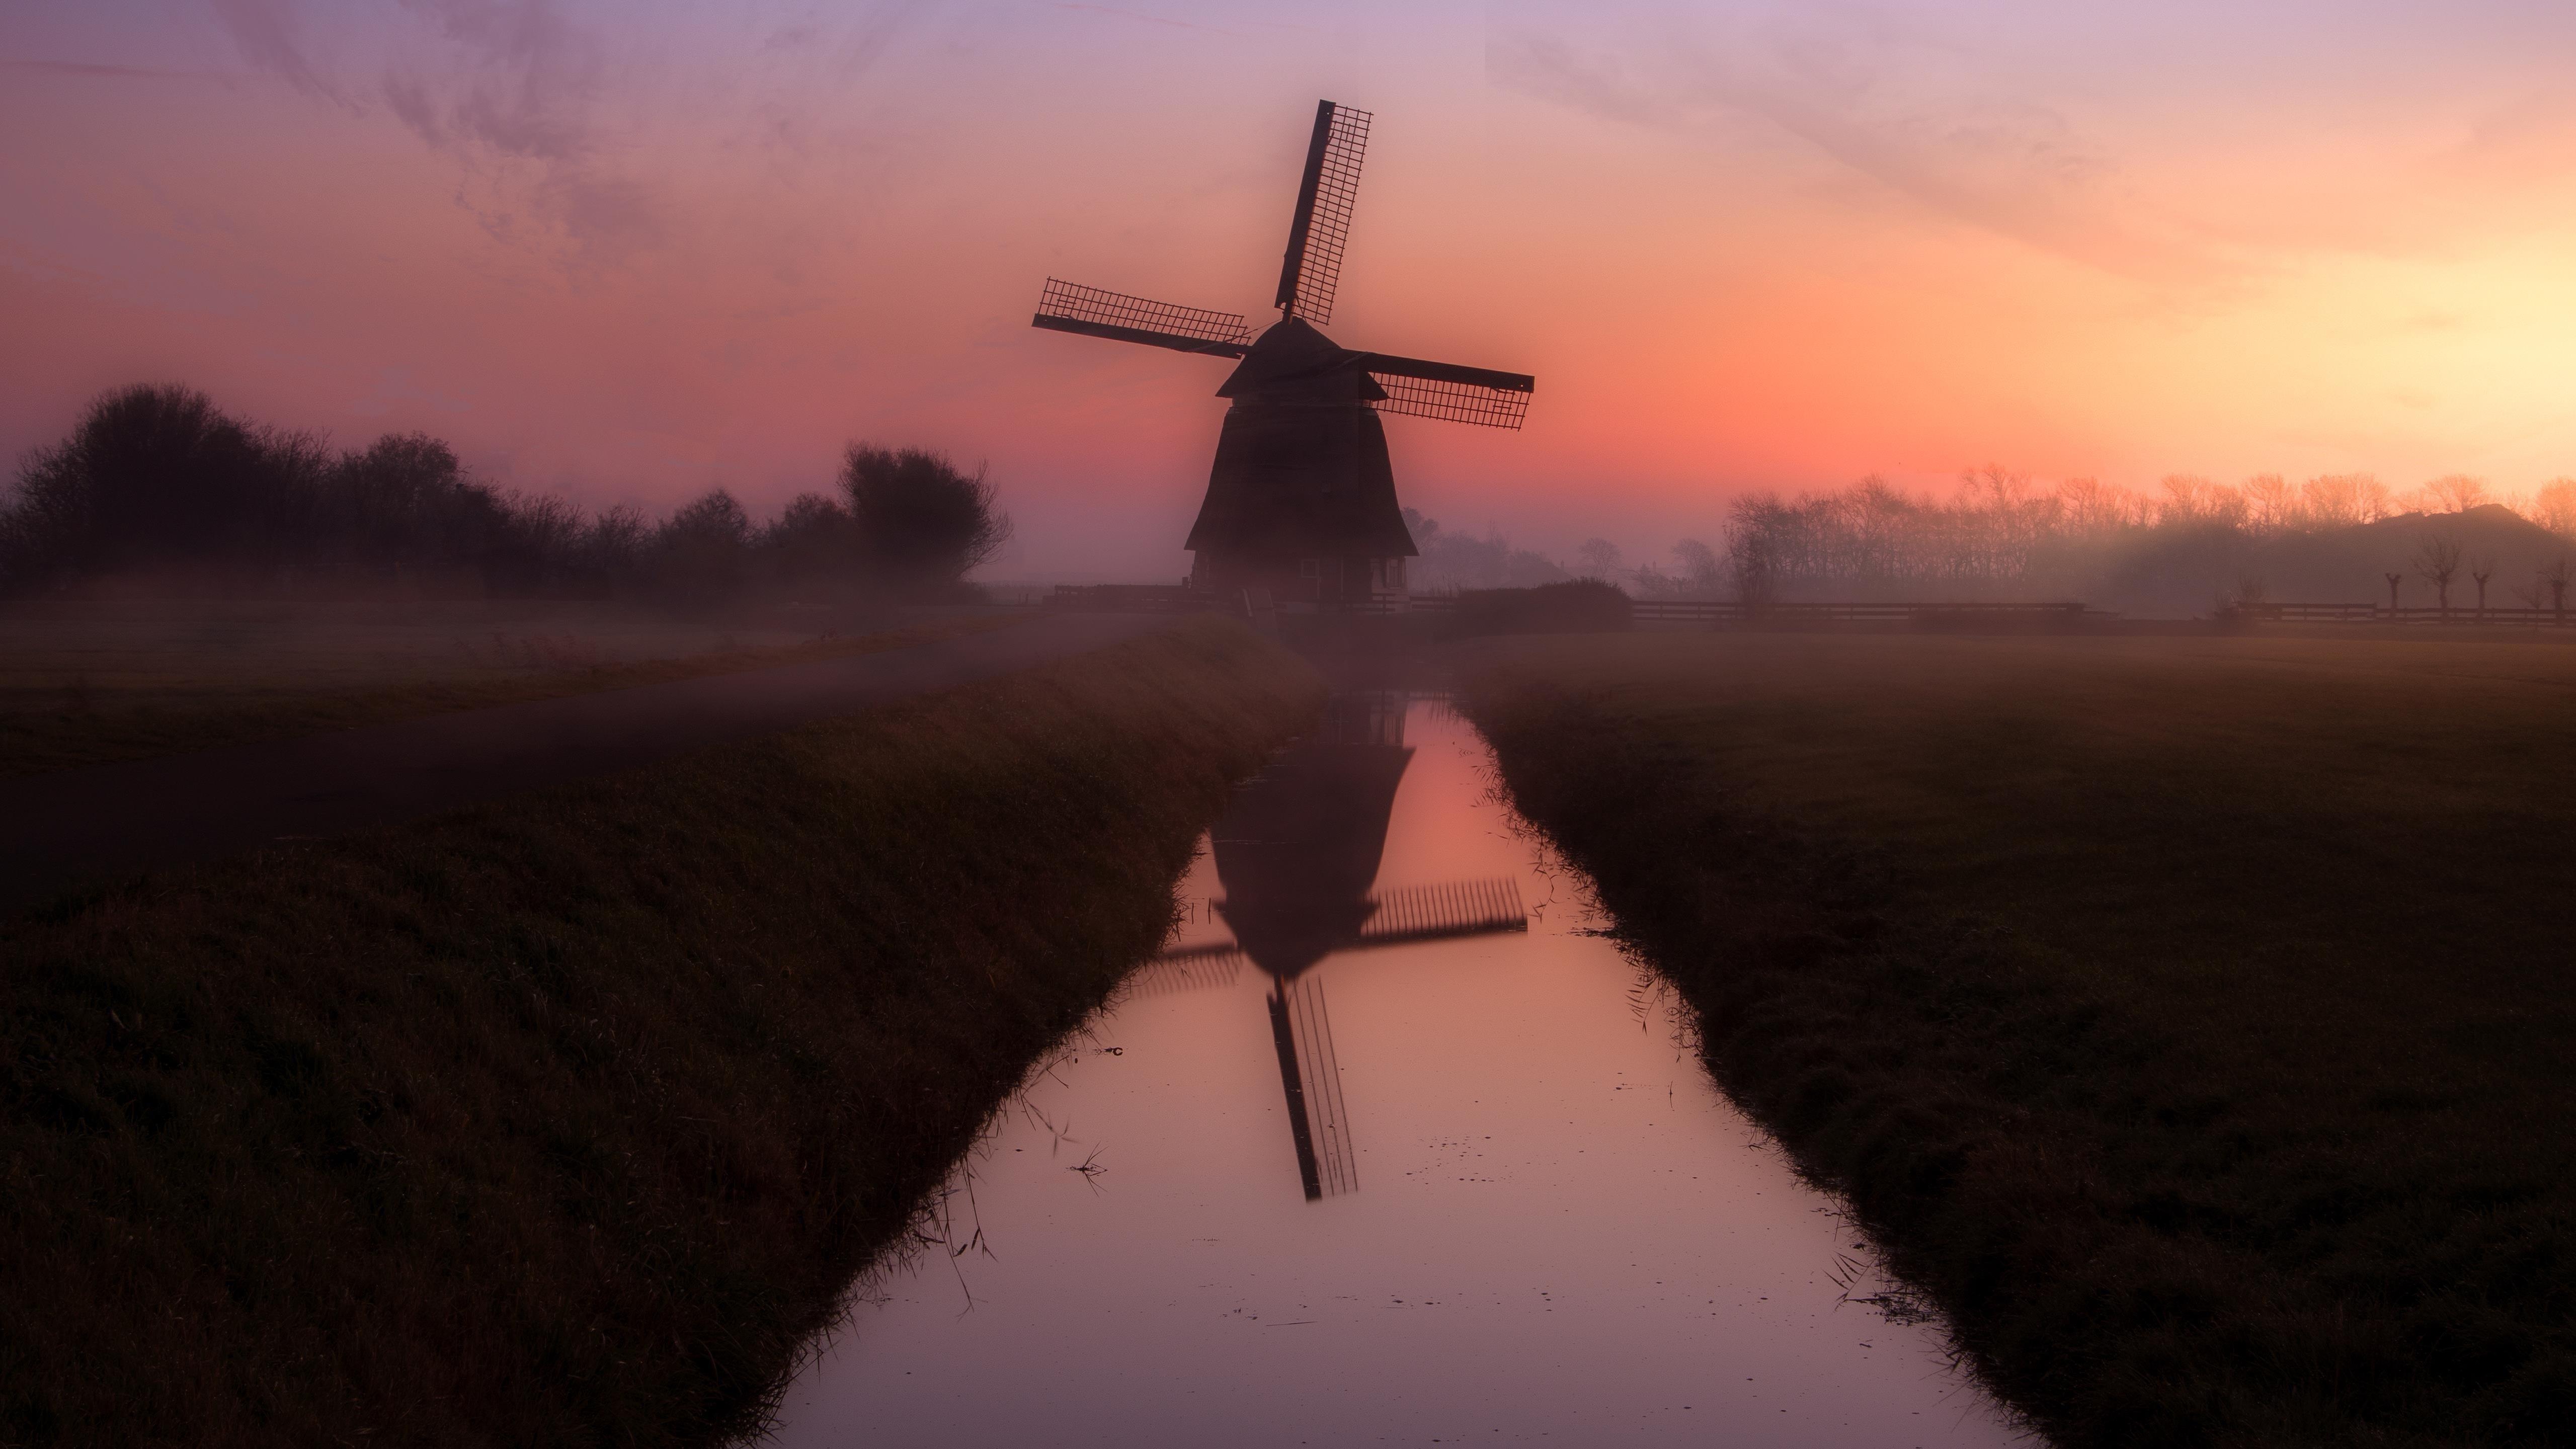 Ветряная мельница nederland во время заката с отражением на водоеме природы обои скачать